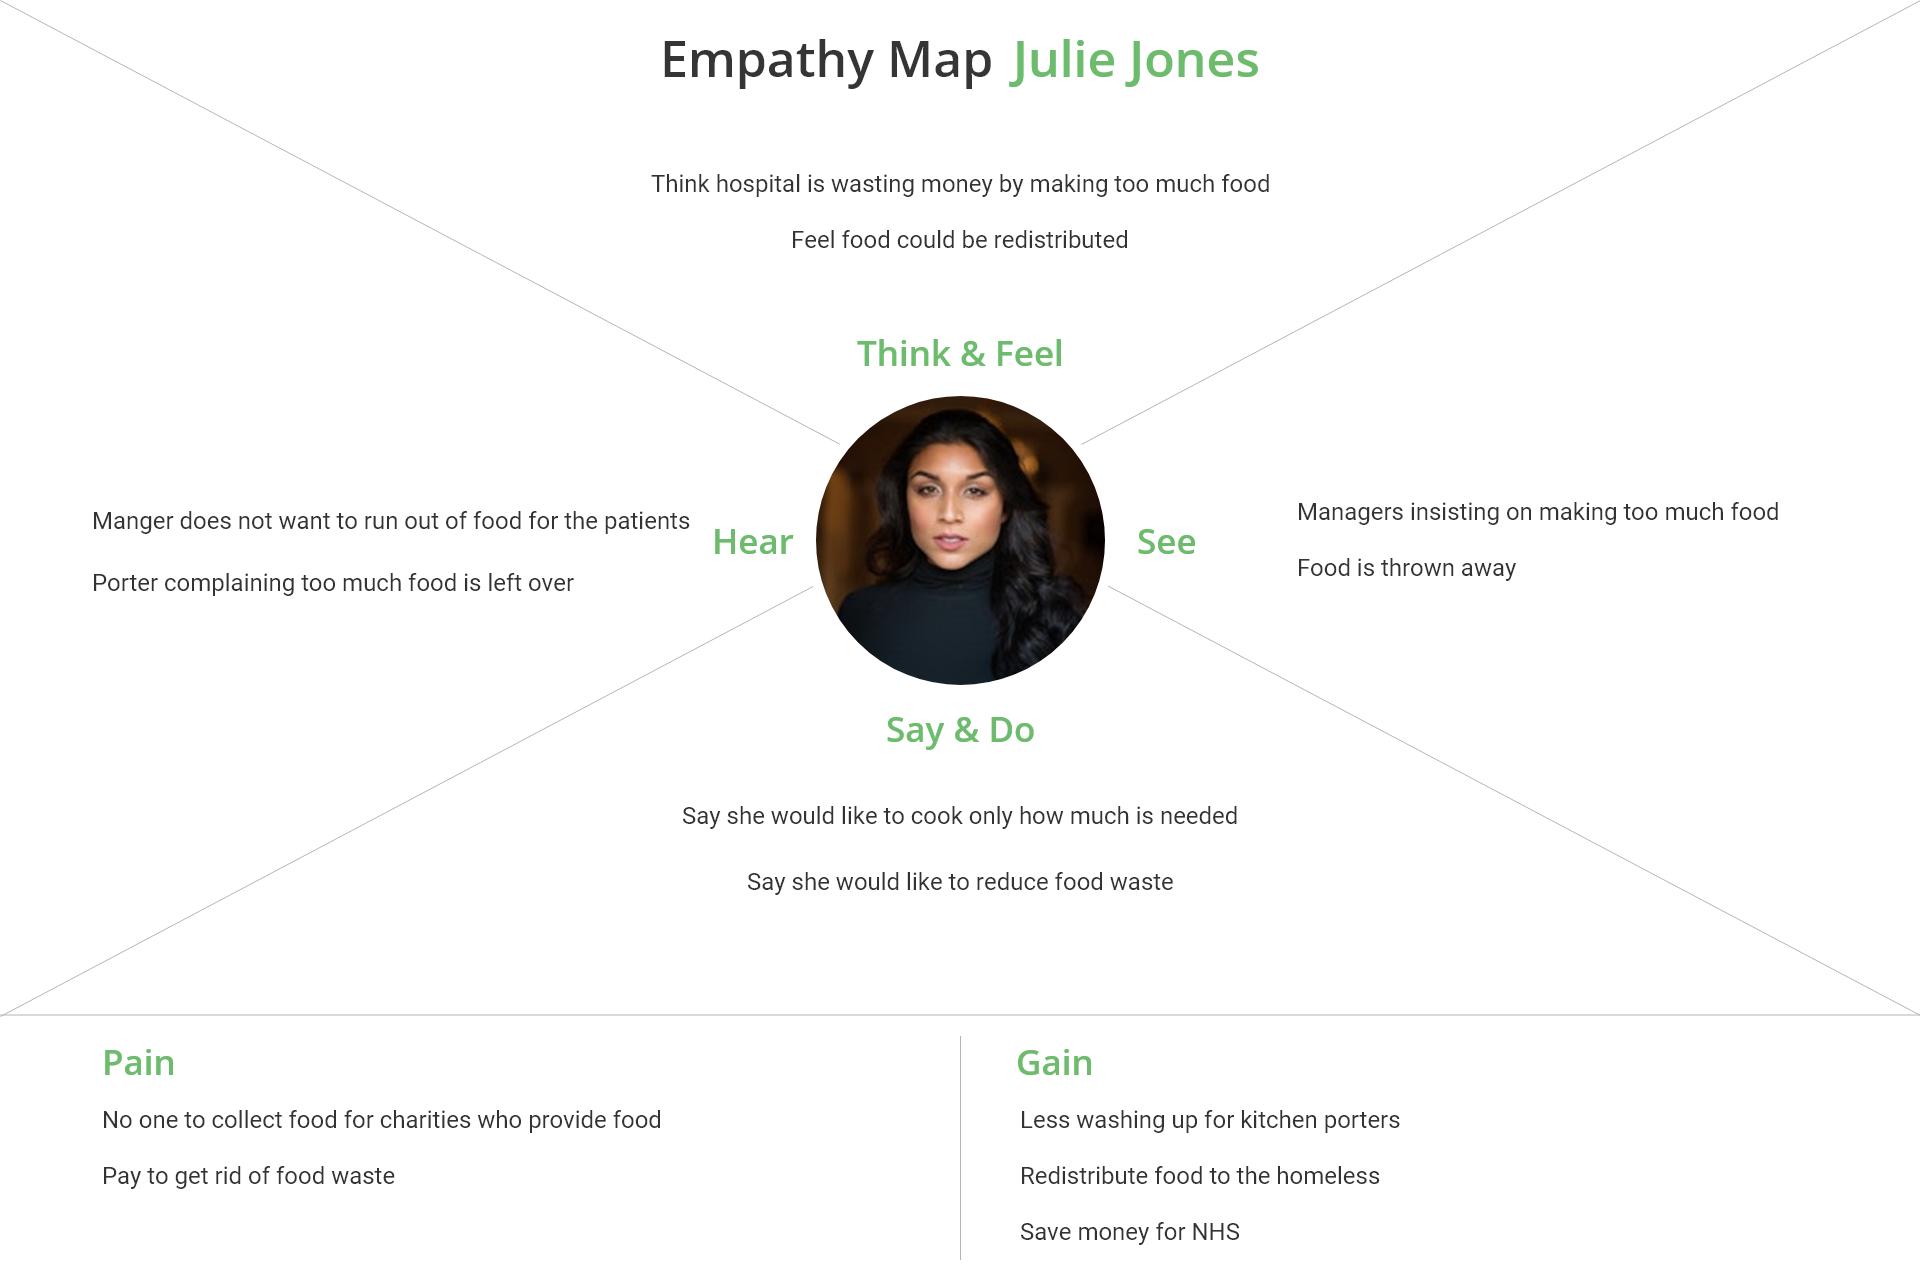 empathy map Julie Jones